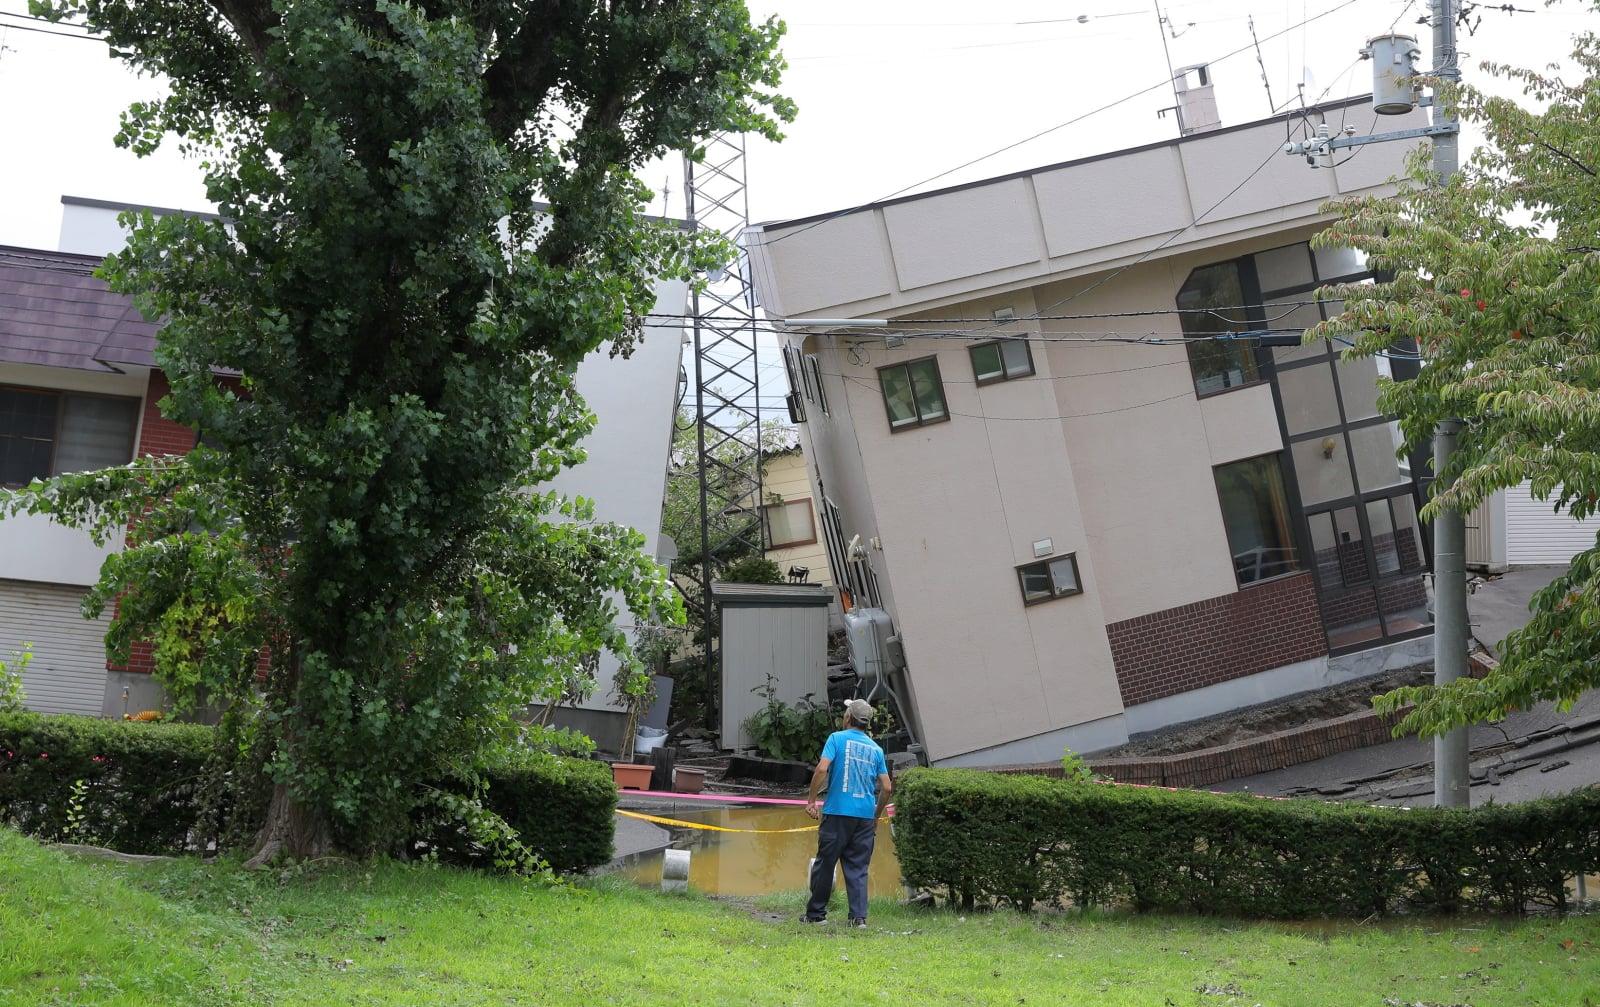 Trzęsienie o magnitudzie 6,7 miało miejsce na wyspie Hokkaido. Fot. PAP/EPA/JIJI PRESS